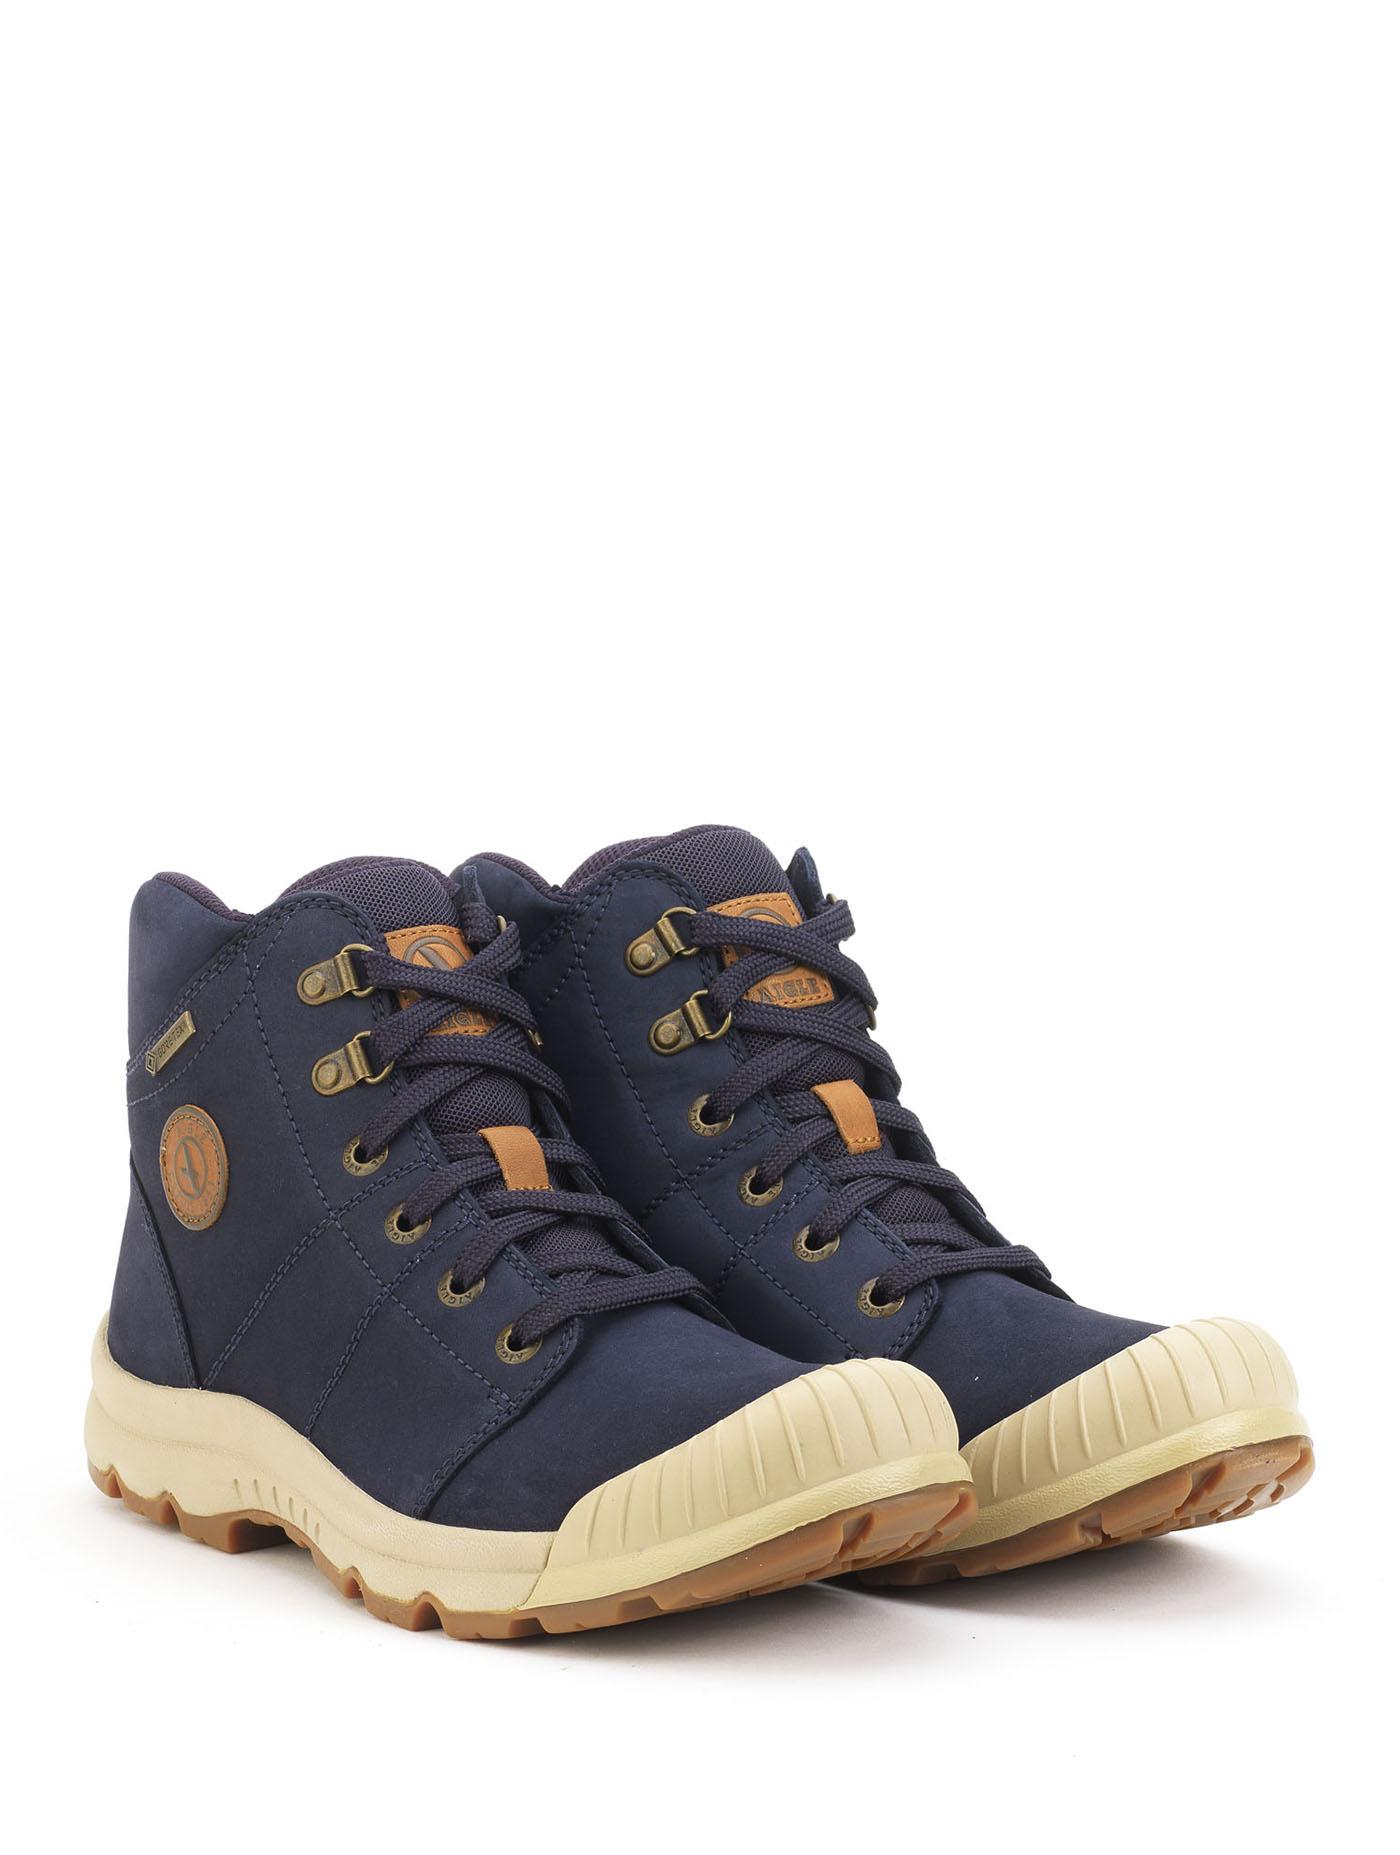 TENERE® LIGHT LEATHER | Chaussures de marche imperméables